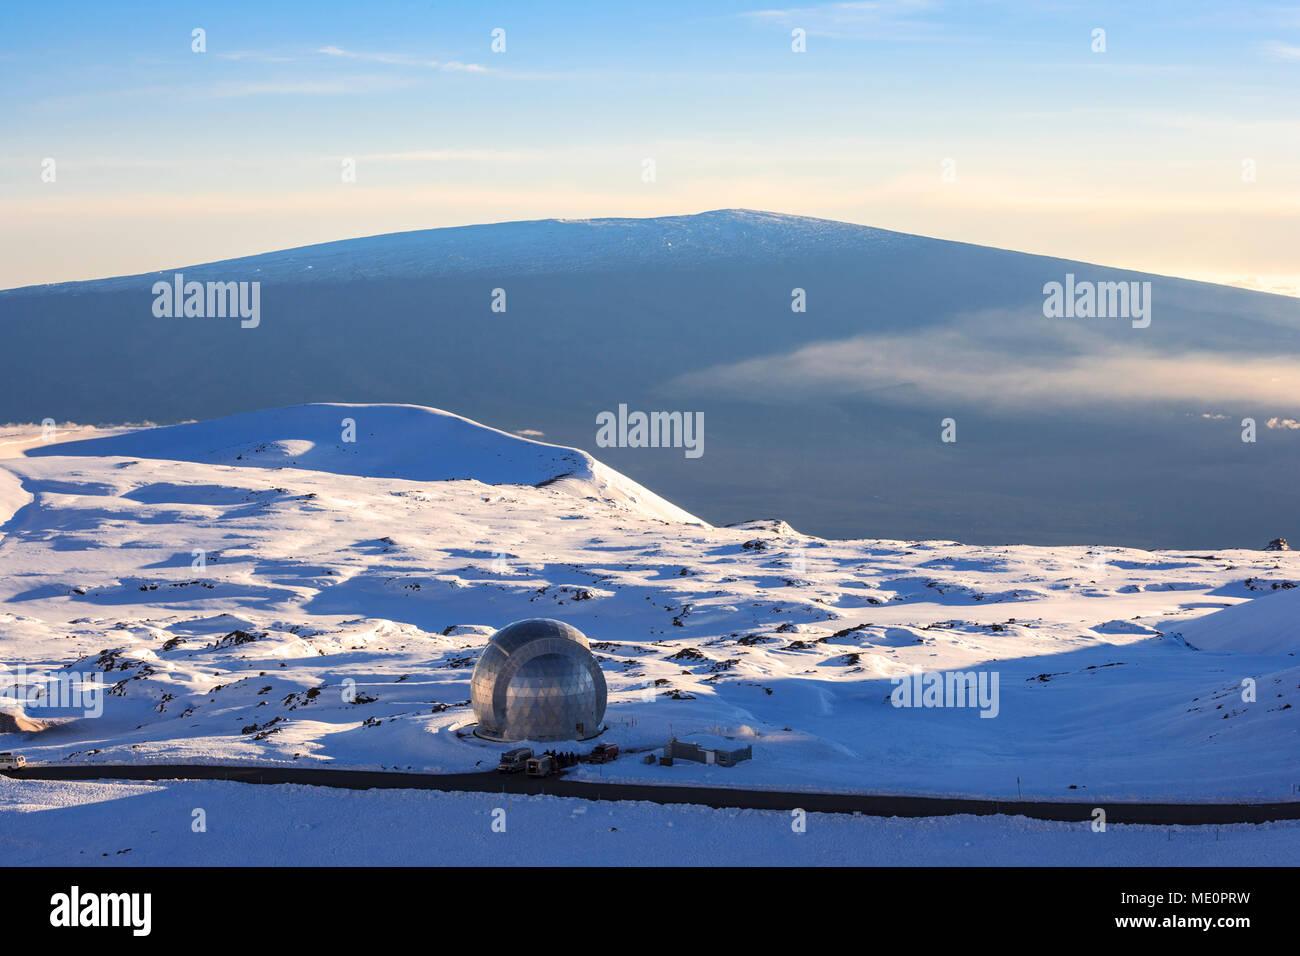 Stillgelegt Caltech Submillimeter Observatory auf Mauna Kea mit Blick auf Mauna Loa; Insel von Hawaii, Hawaii, Vereinigte Staaten von Amerika Stockfoto